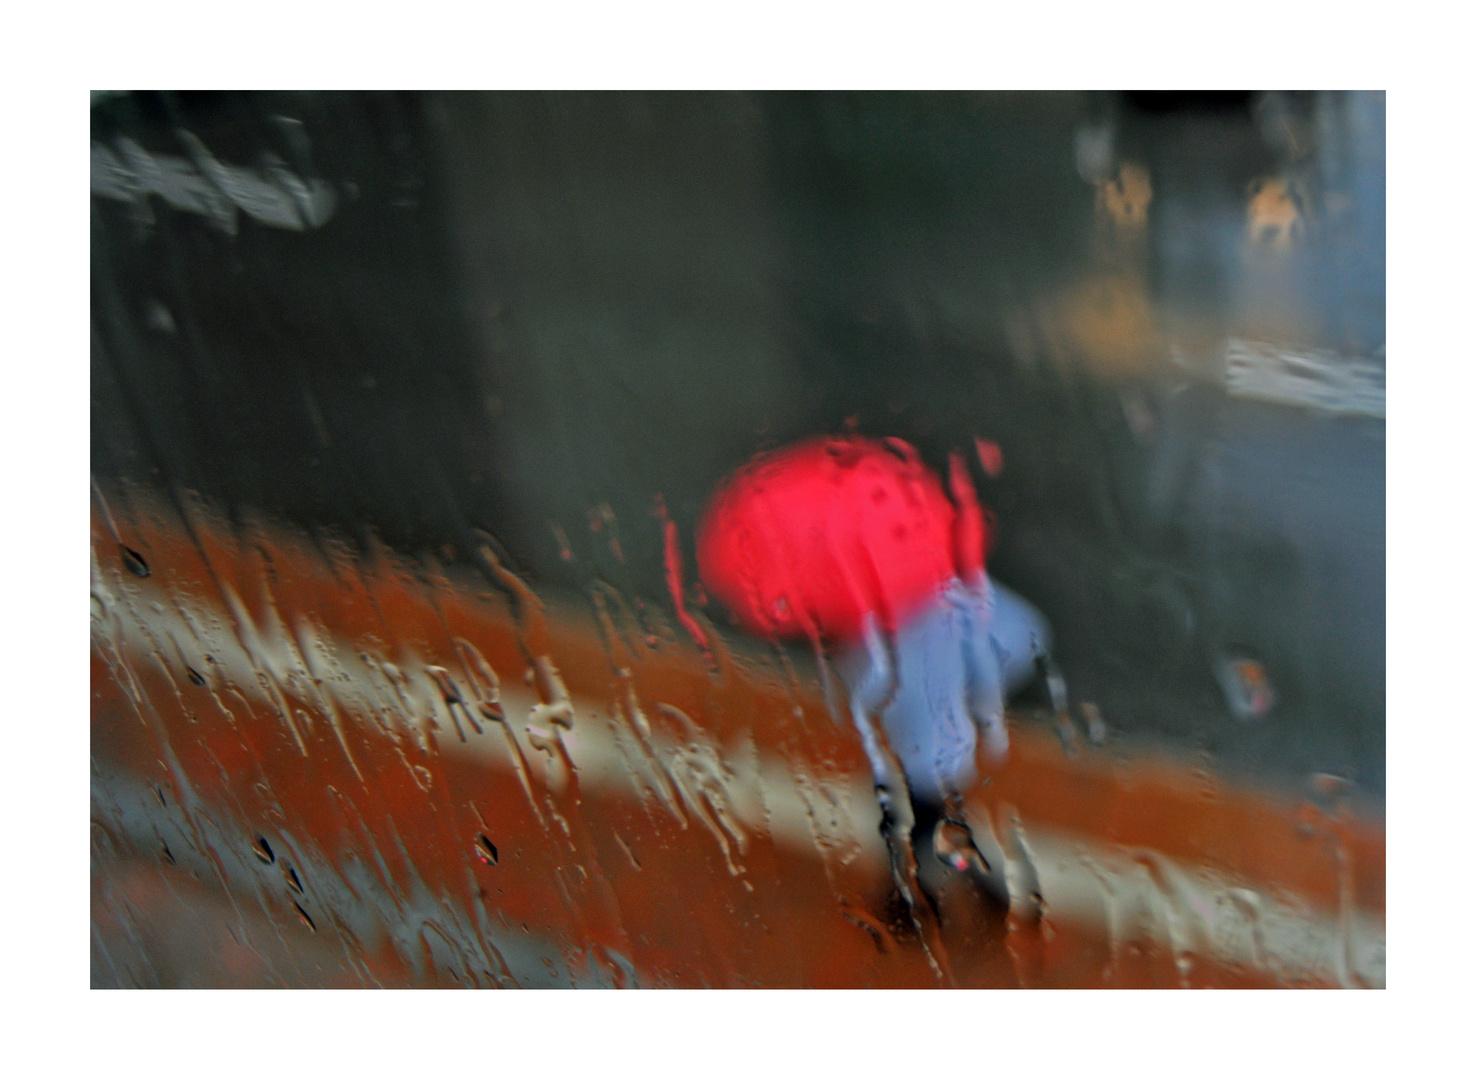 Die mit dem roten Regenschirm